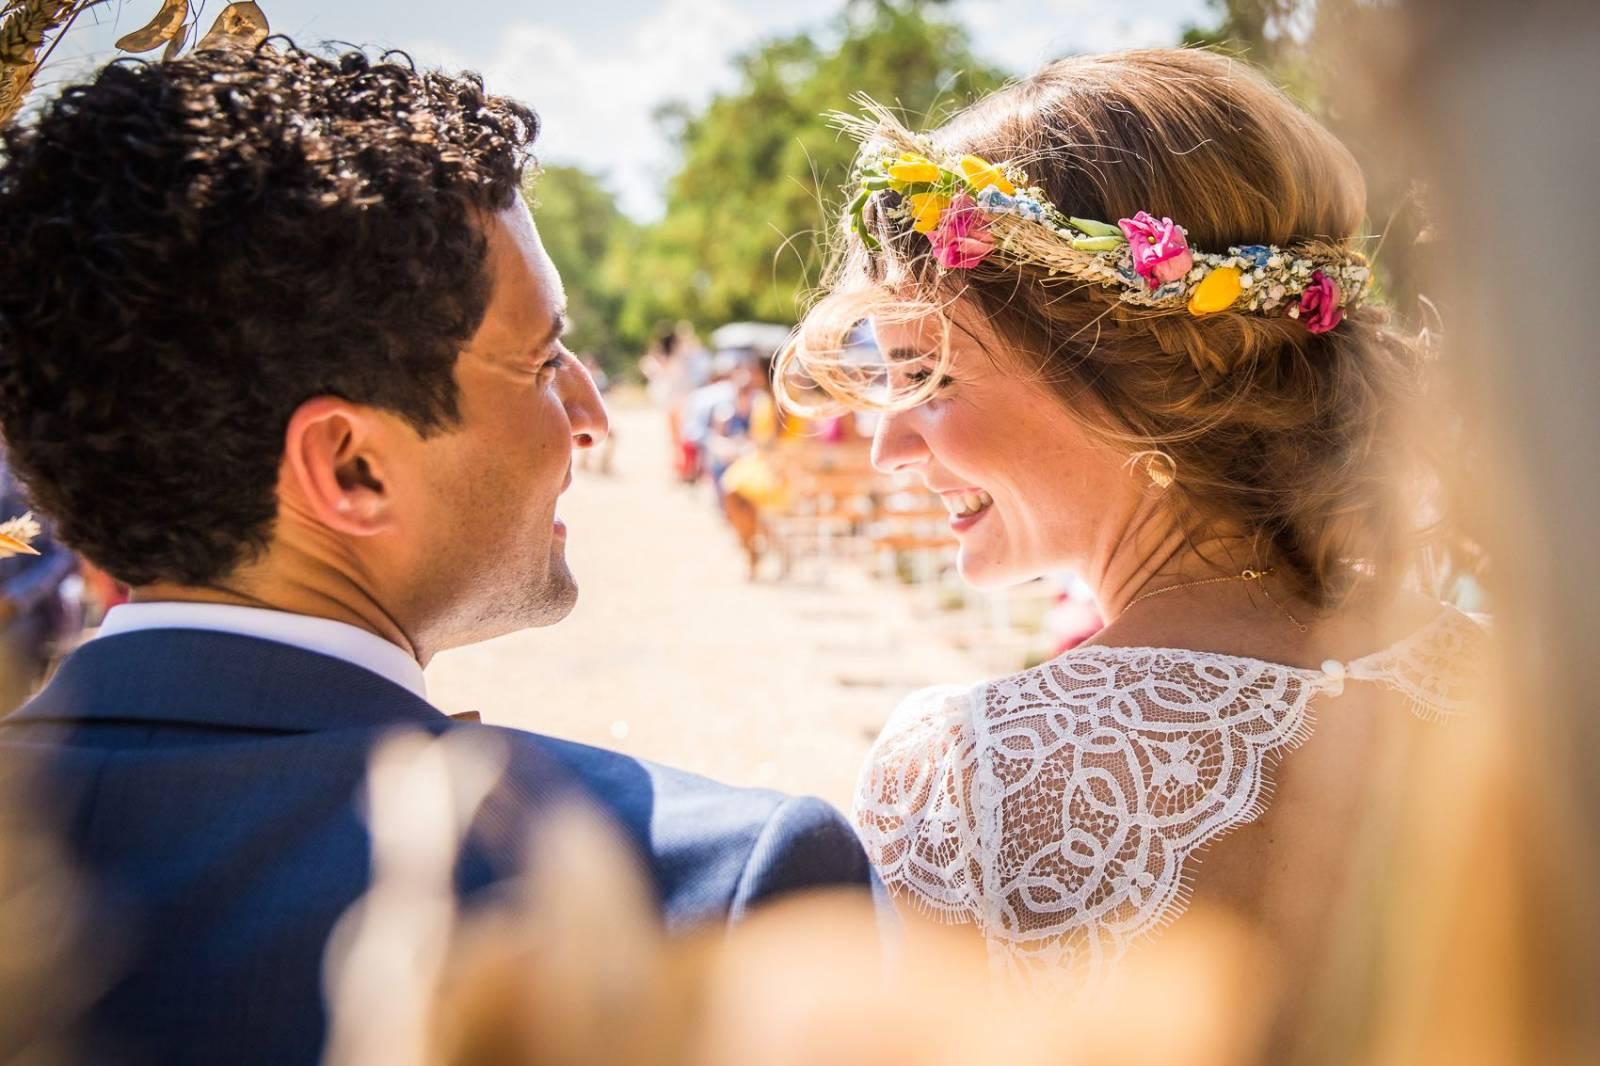 Cinderella Photographie - Trouwen in frankrijk - Huwelijksfotograaf - Trouwfotograaf - House of Weddings - 14